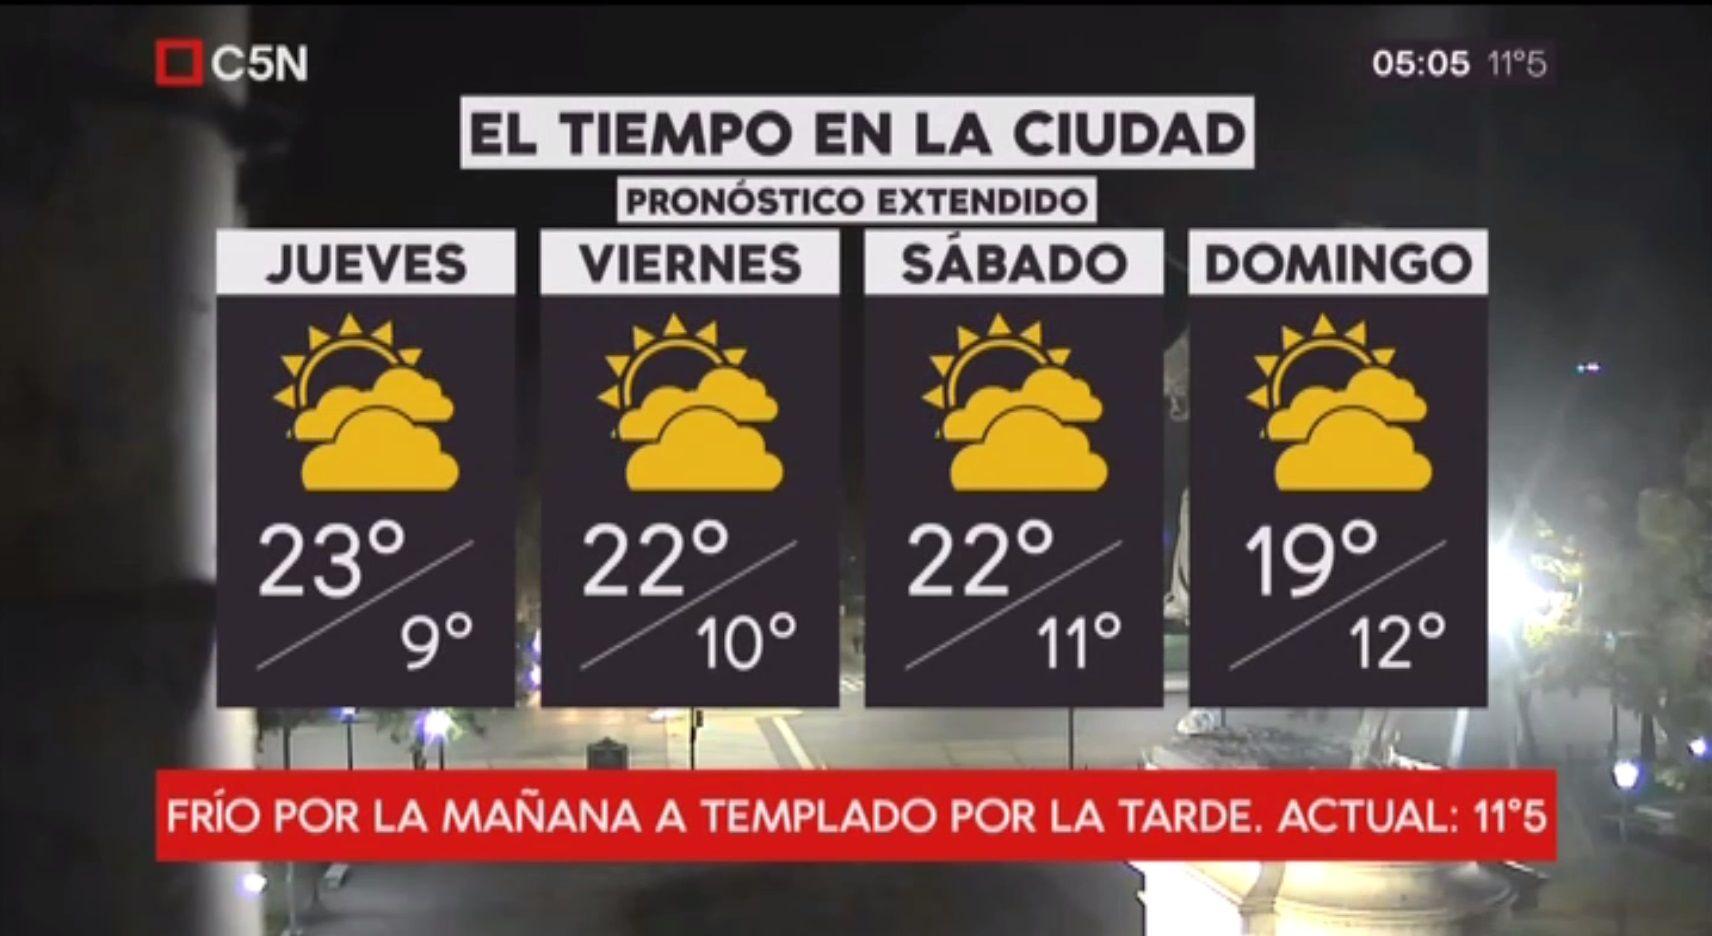 Pronóstico del tiempo extendido del jueves 24 de mayo de 2018